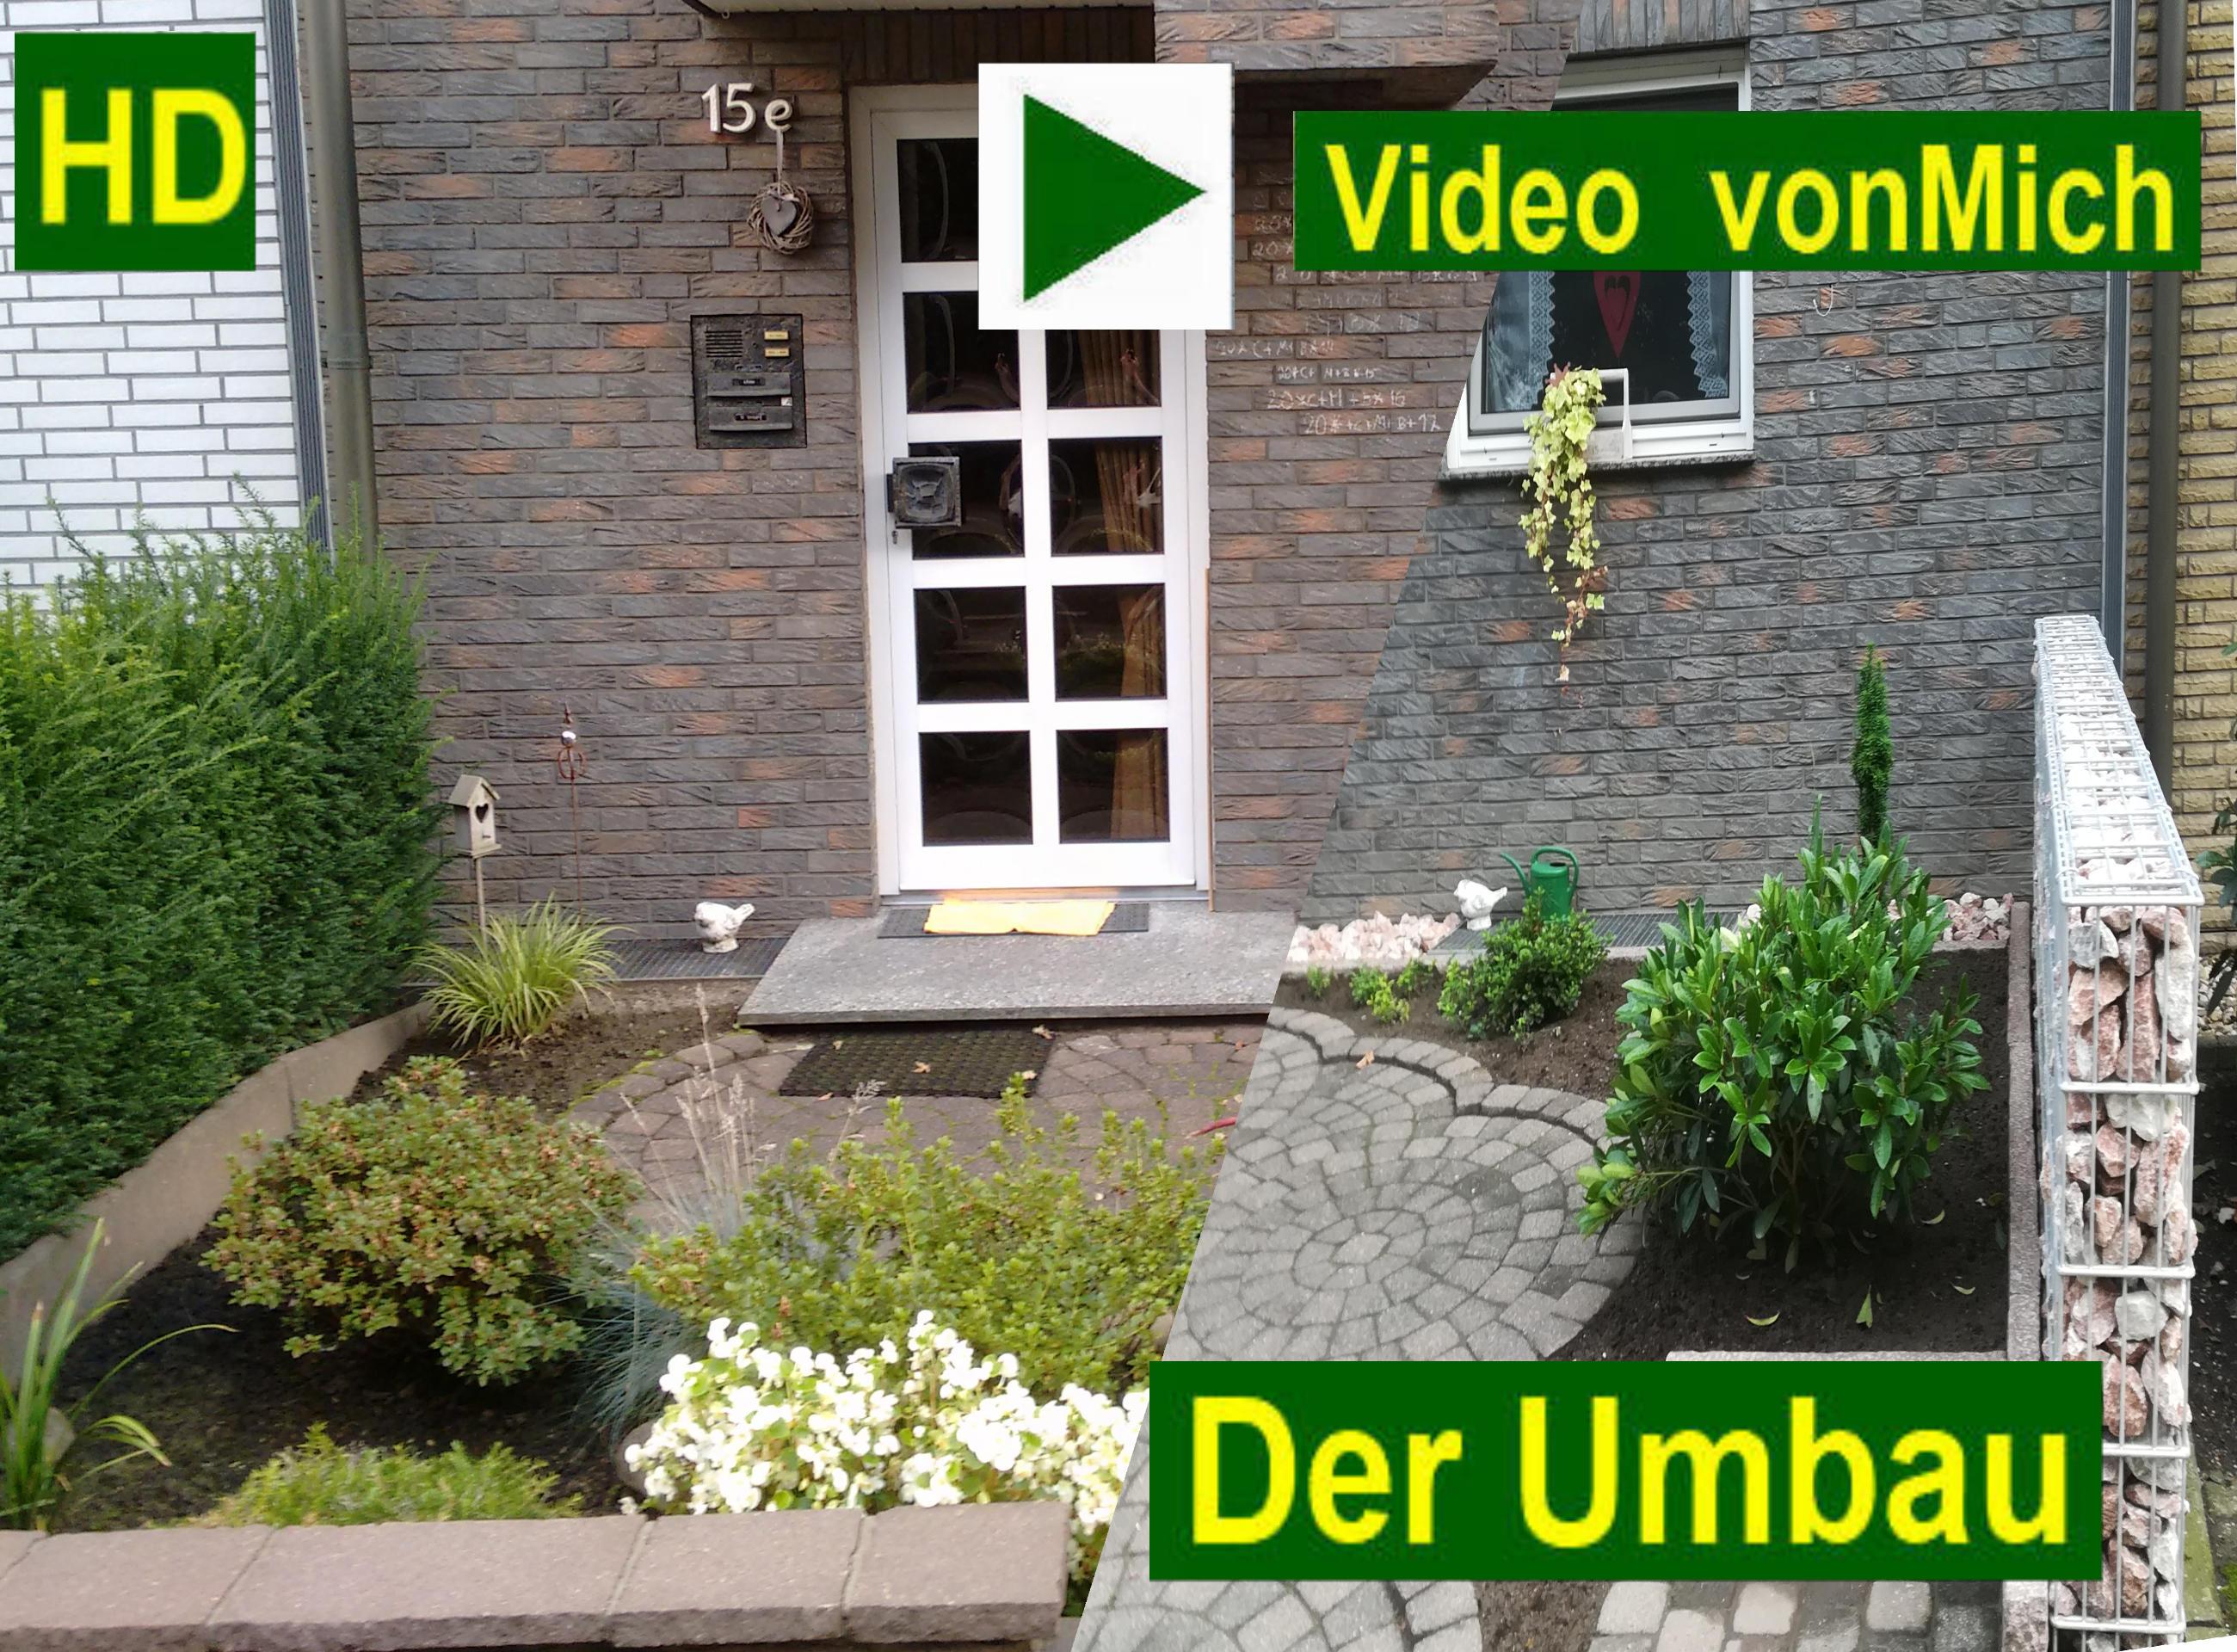 Umbau 2017/2018 | vonMich